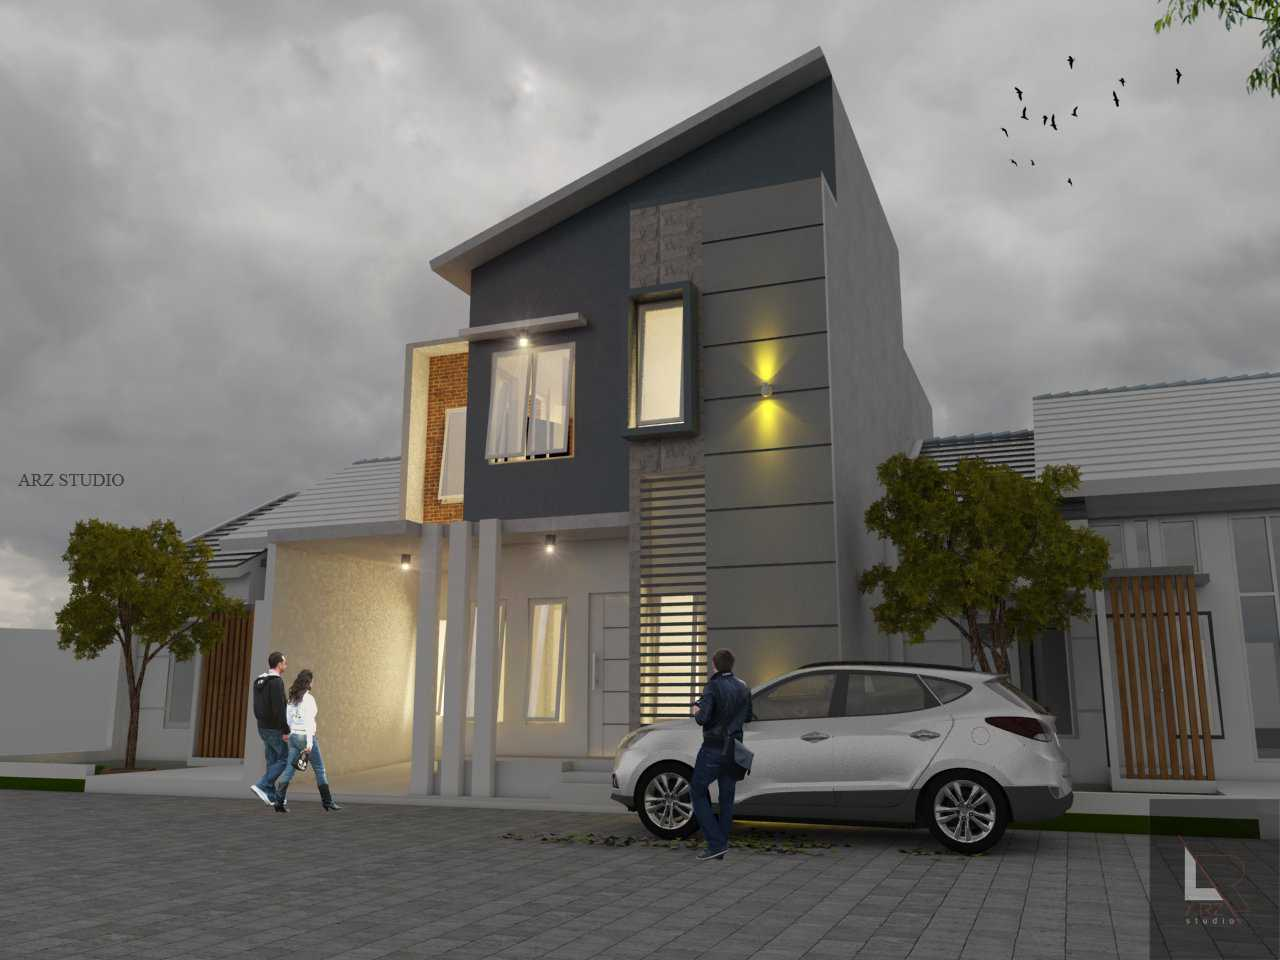 Arz Studio Desain Renovasi Rumah 2 Lt. Malang, Kota Malang, Jawa Timur, Indonesia Malang, Kota Malang, Jawa Timur, Indonesia View Malam  <P>Concept</p> 45339